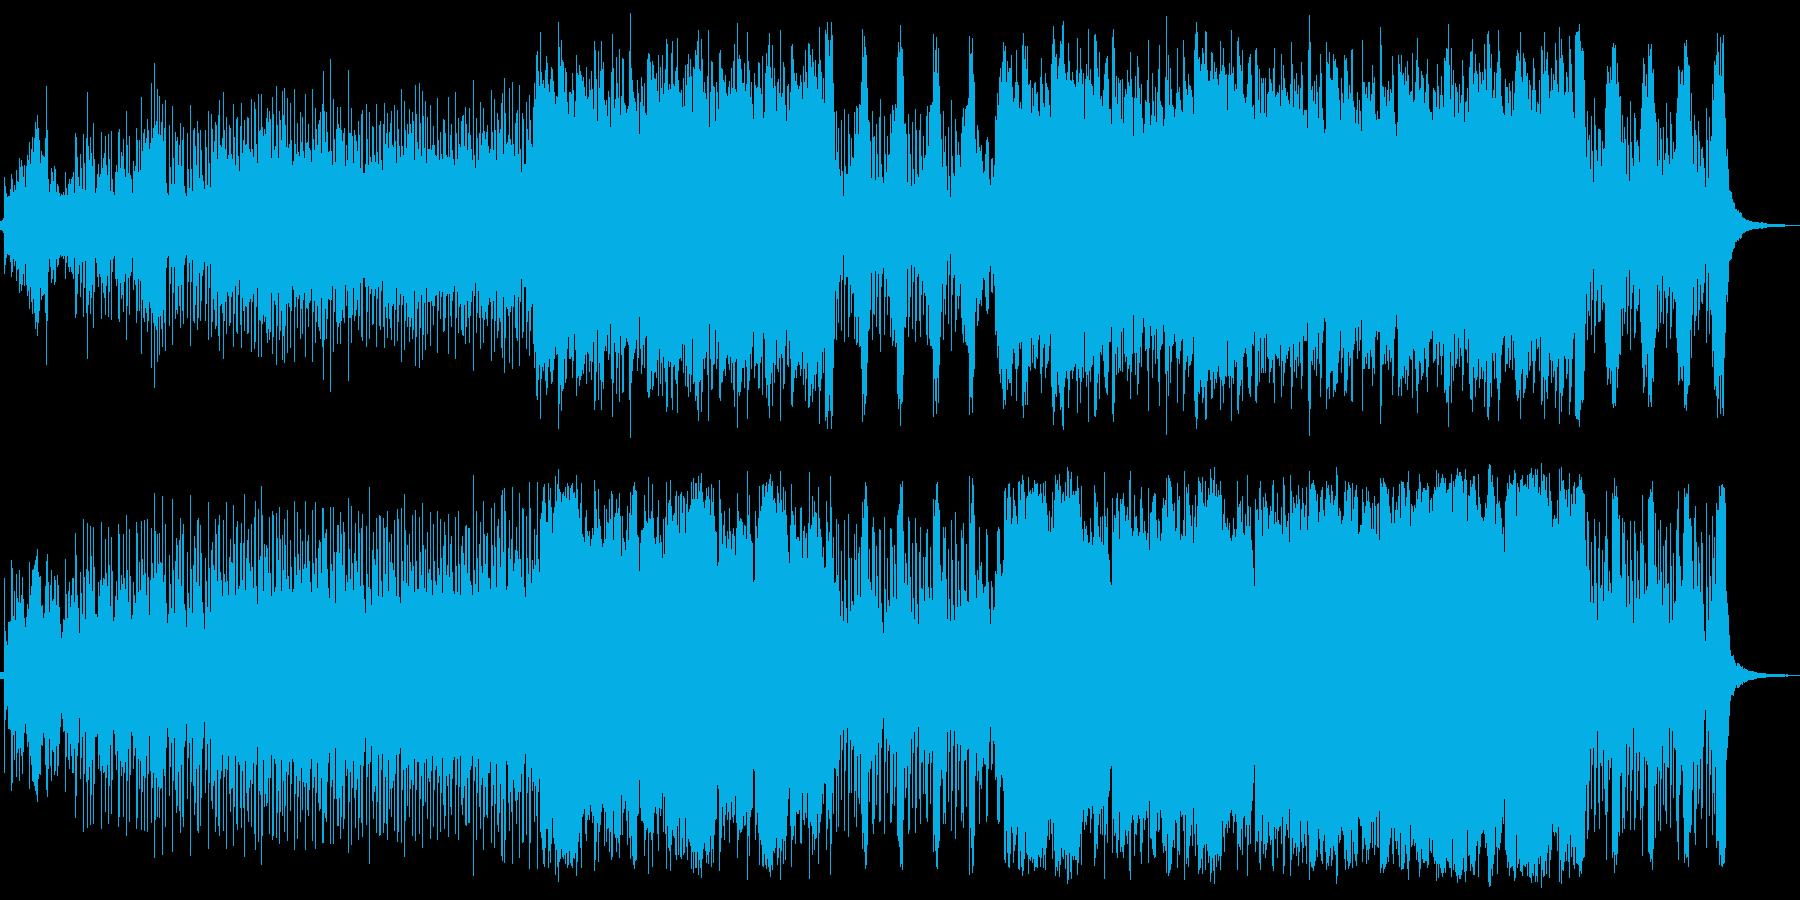 ジャングルのシーンBGMの再生済みの波形